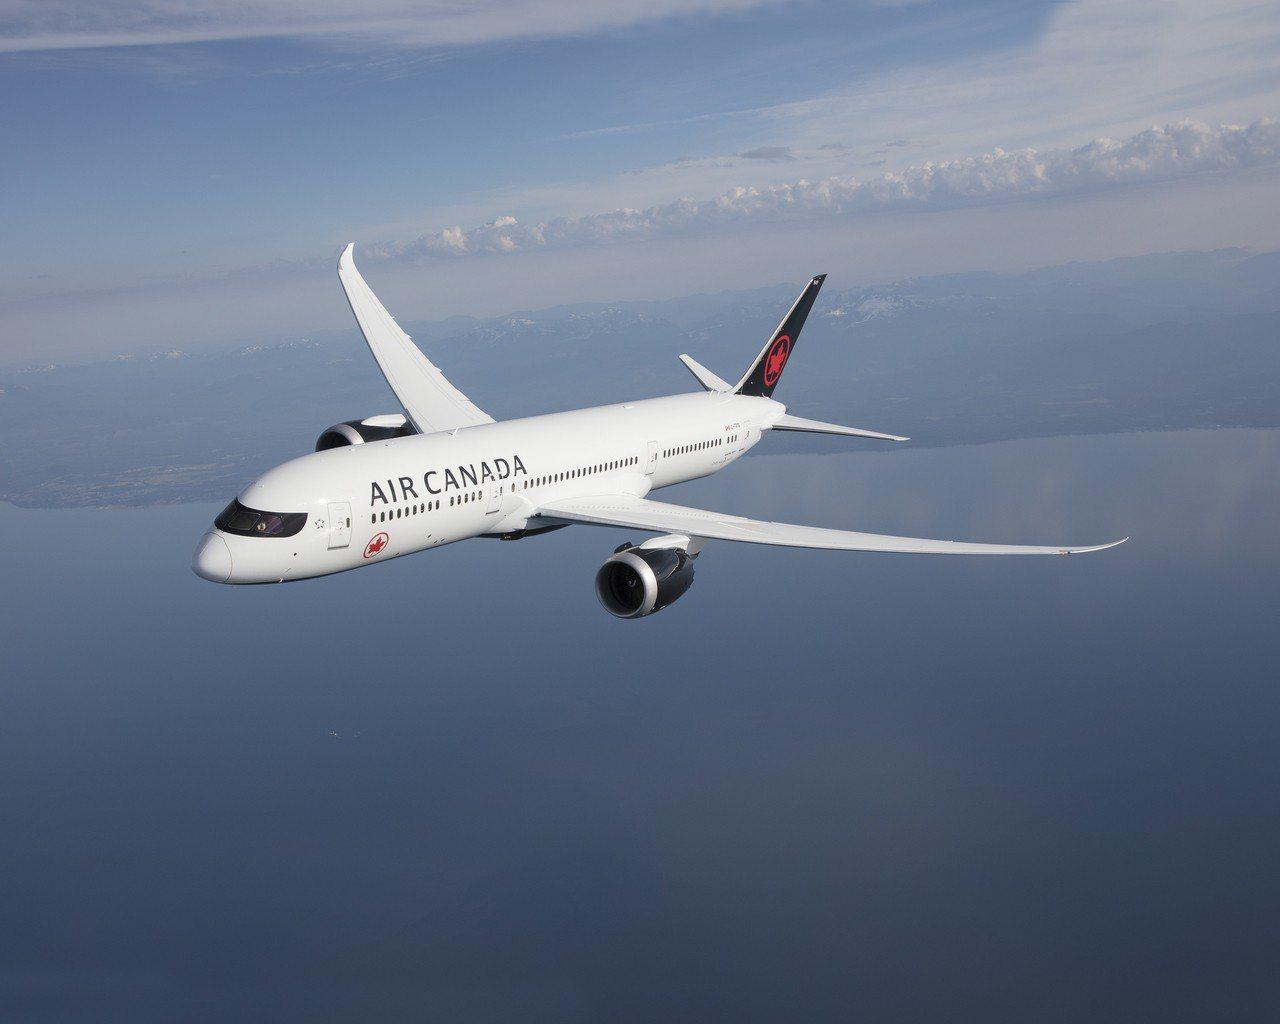 加拿大航空將於台北國際旅展隆重登場,民眾可至 J512 展區體驗加拿大航空楓葉貴...